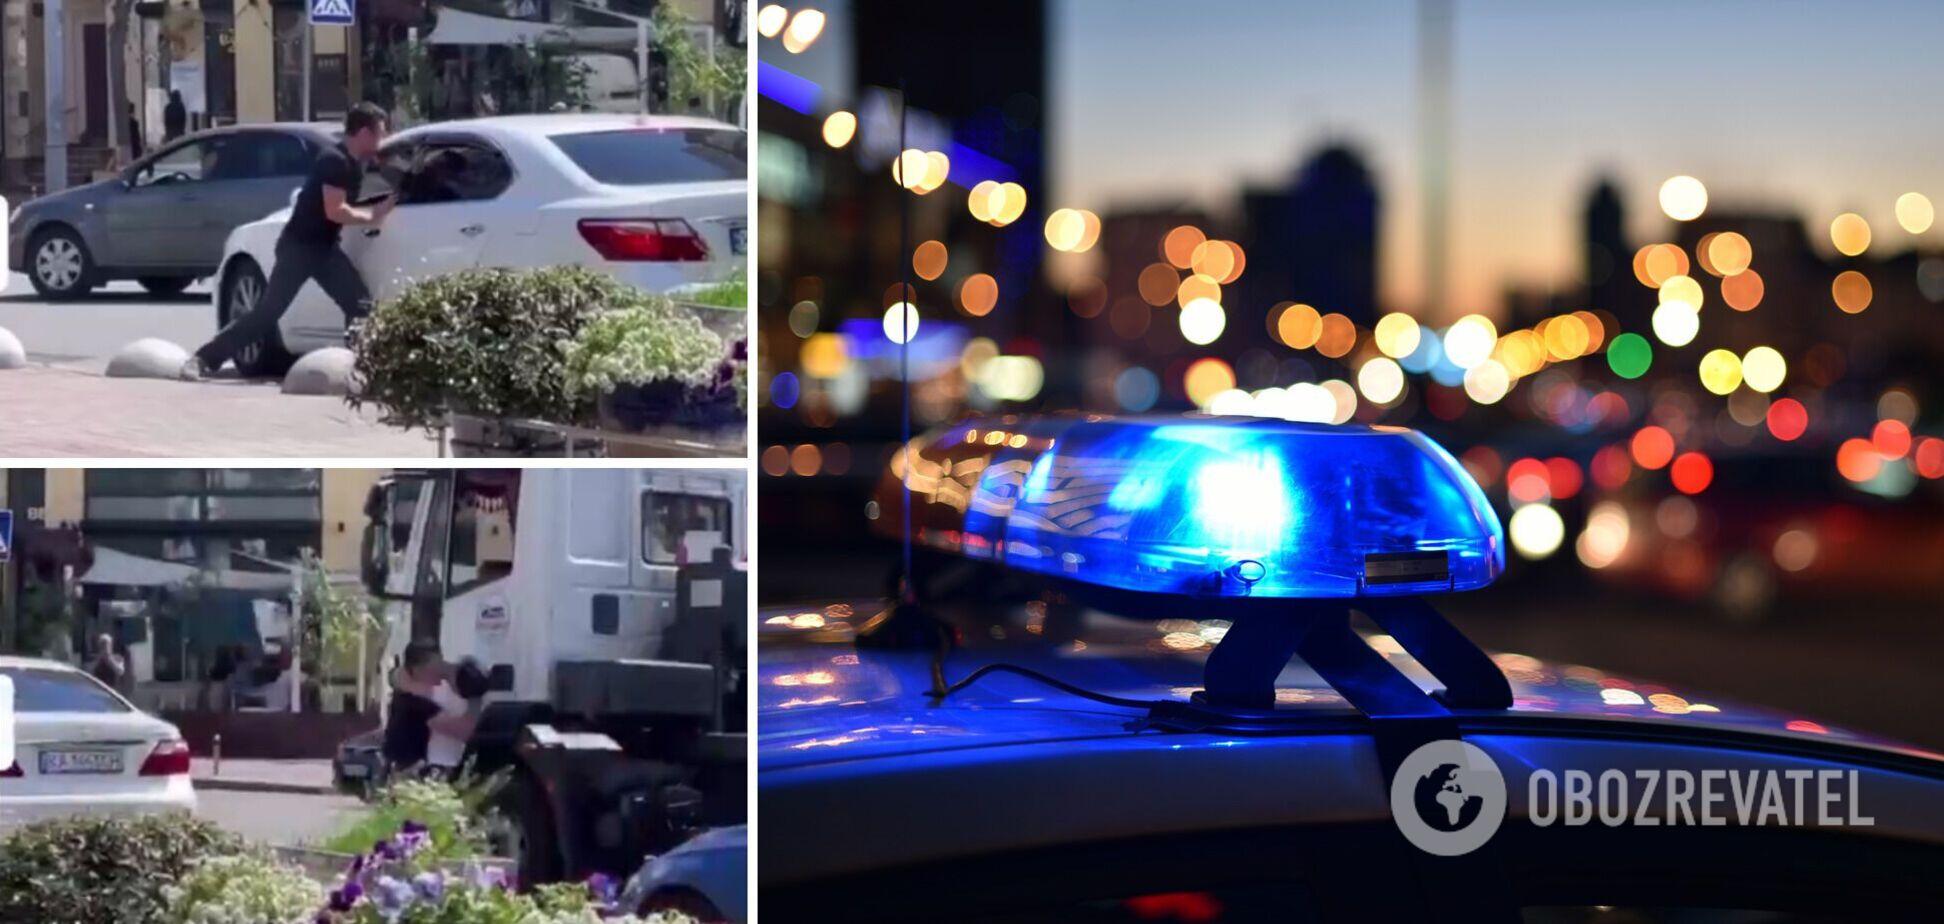 Полиция установит причины и обстоятельства происшествия